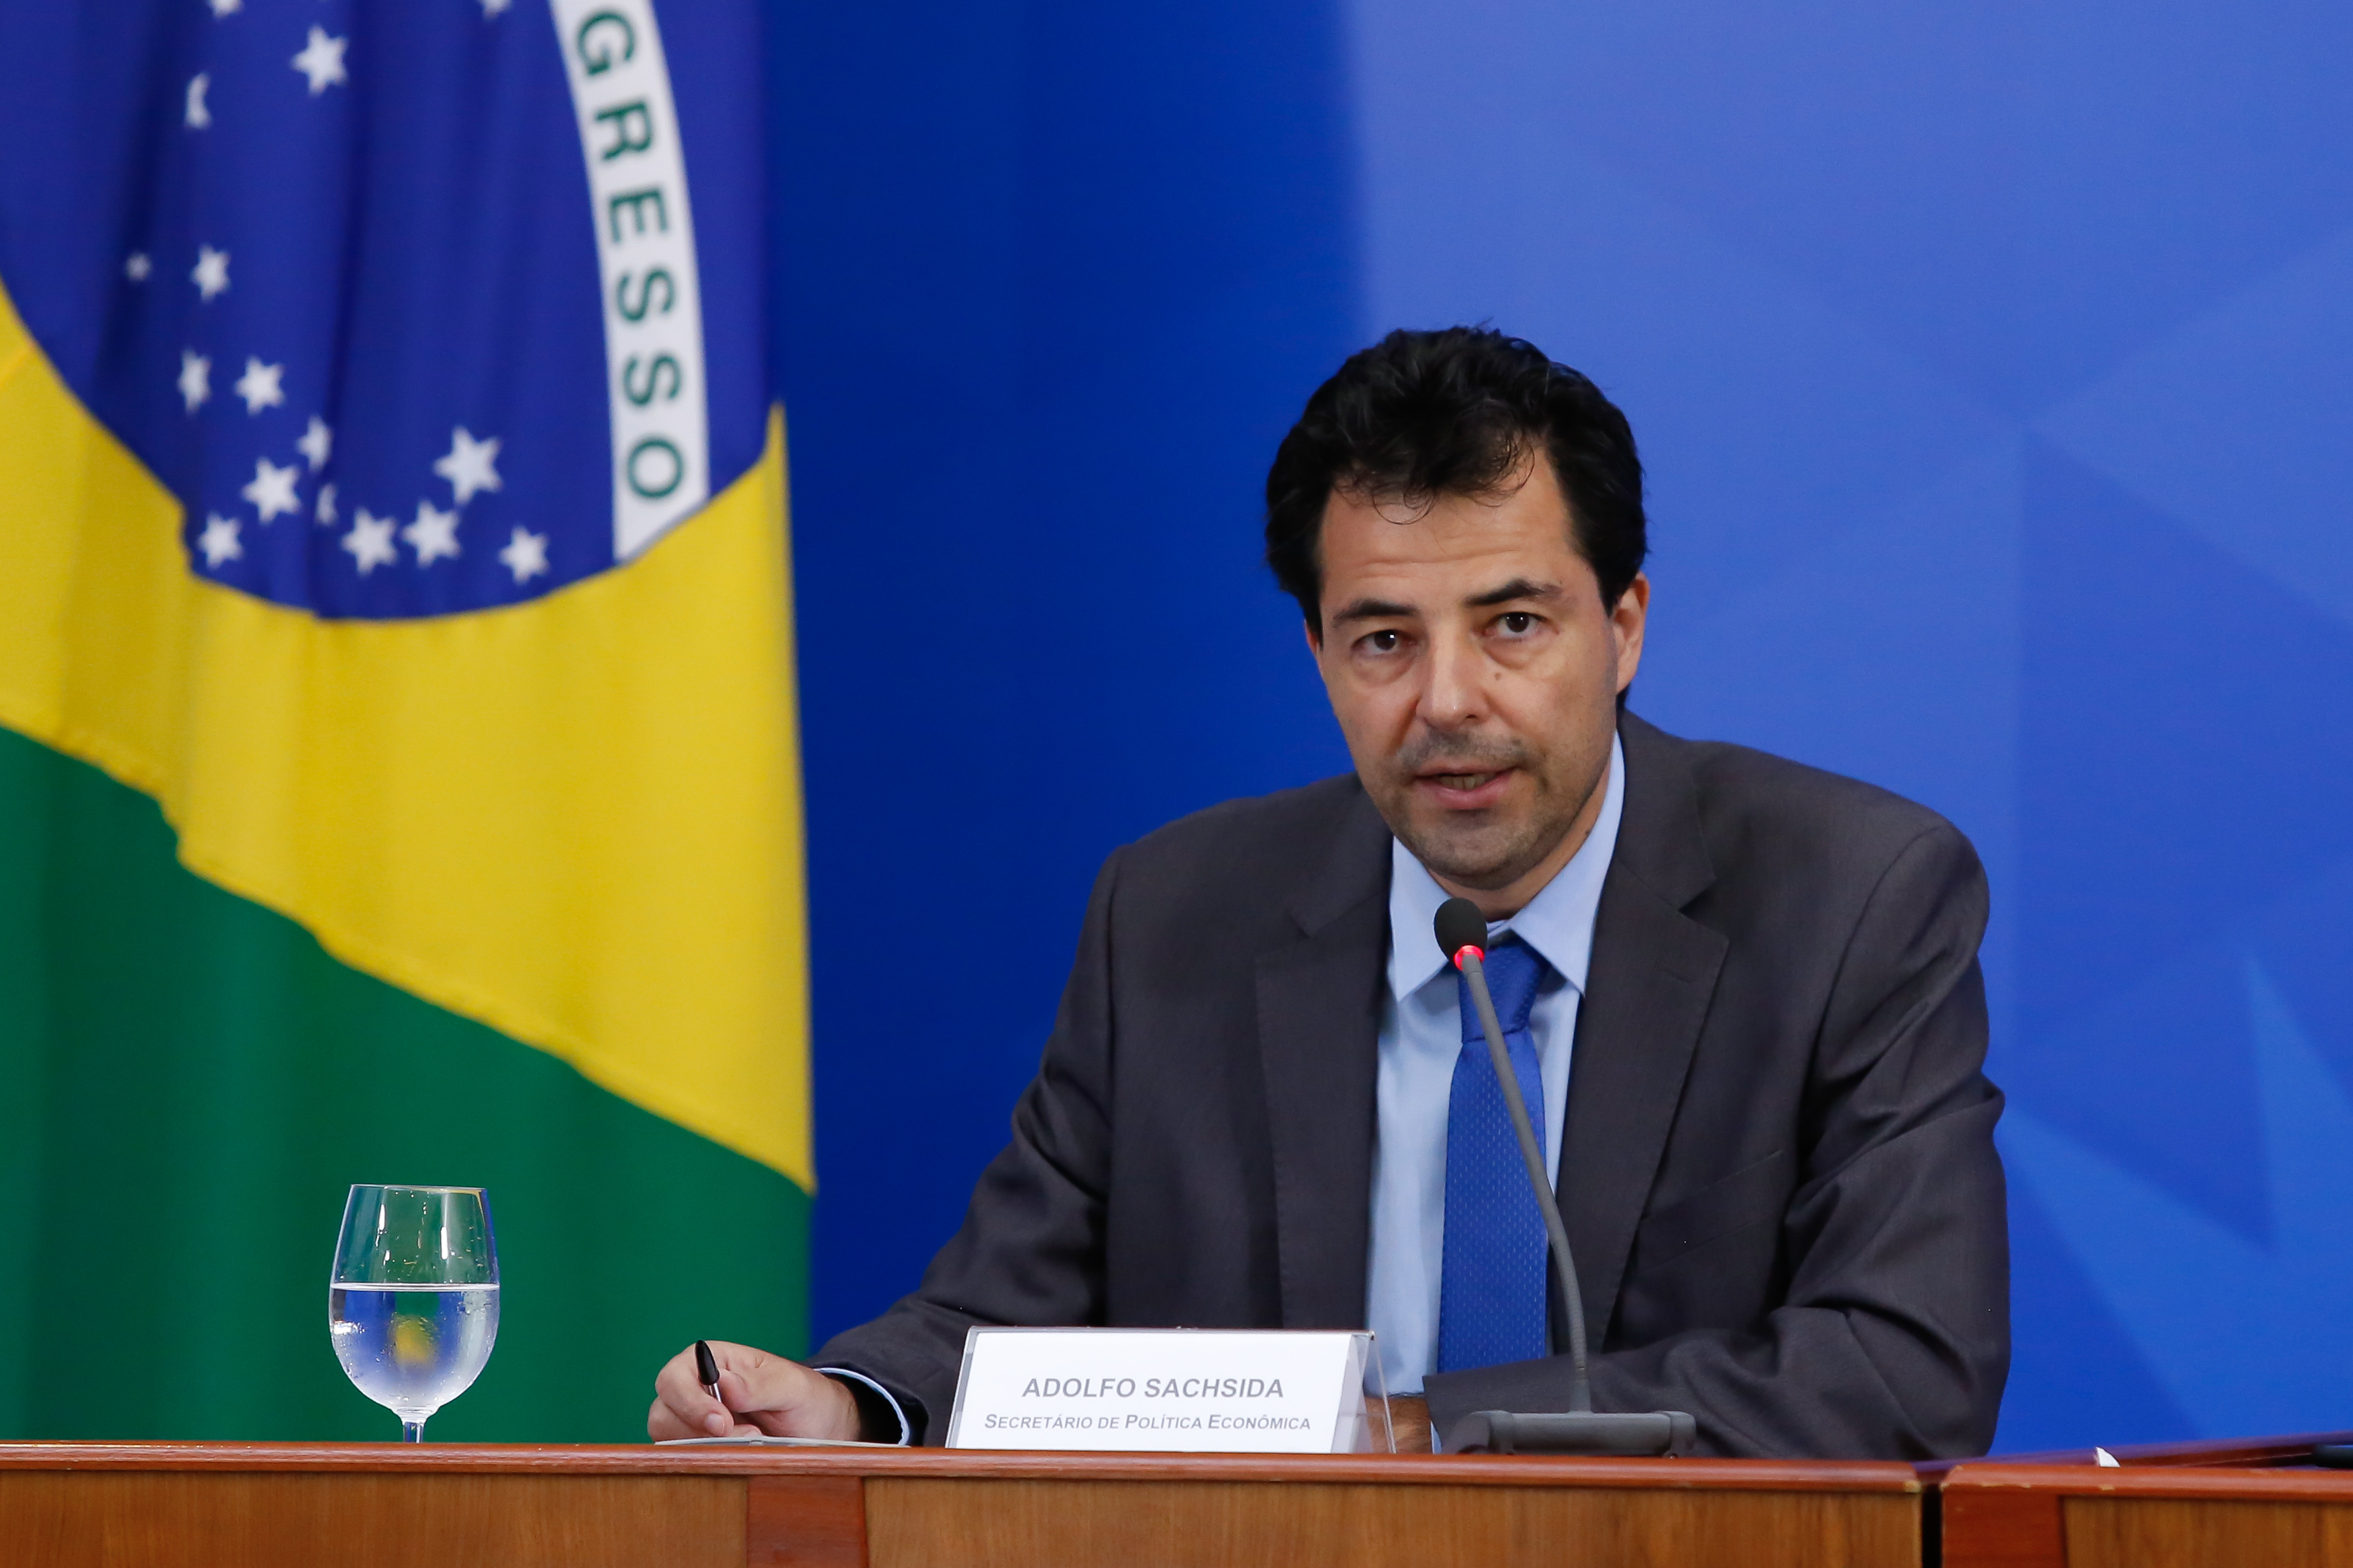 IMAGEM: Secretário de Guedes diz que risco hídrico mostra necessidade de privatizar Eletrobras